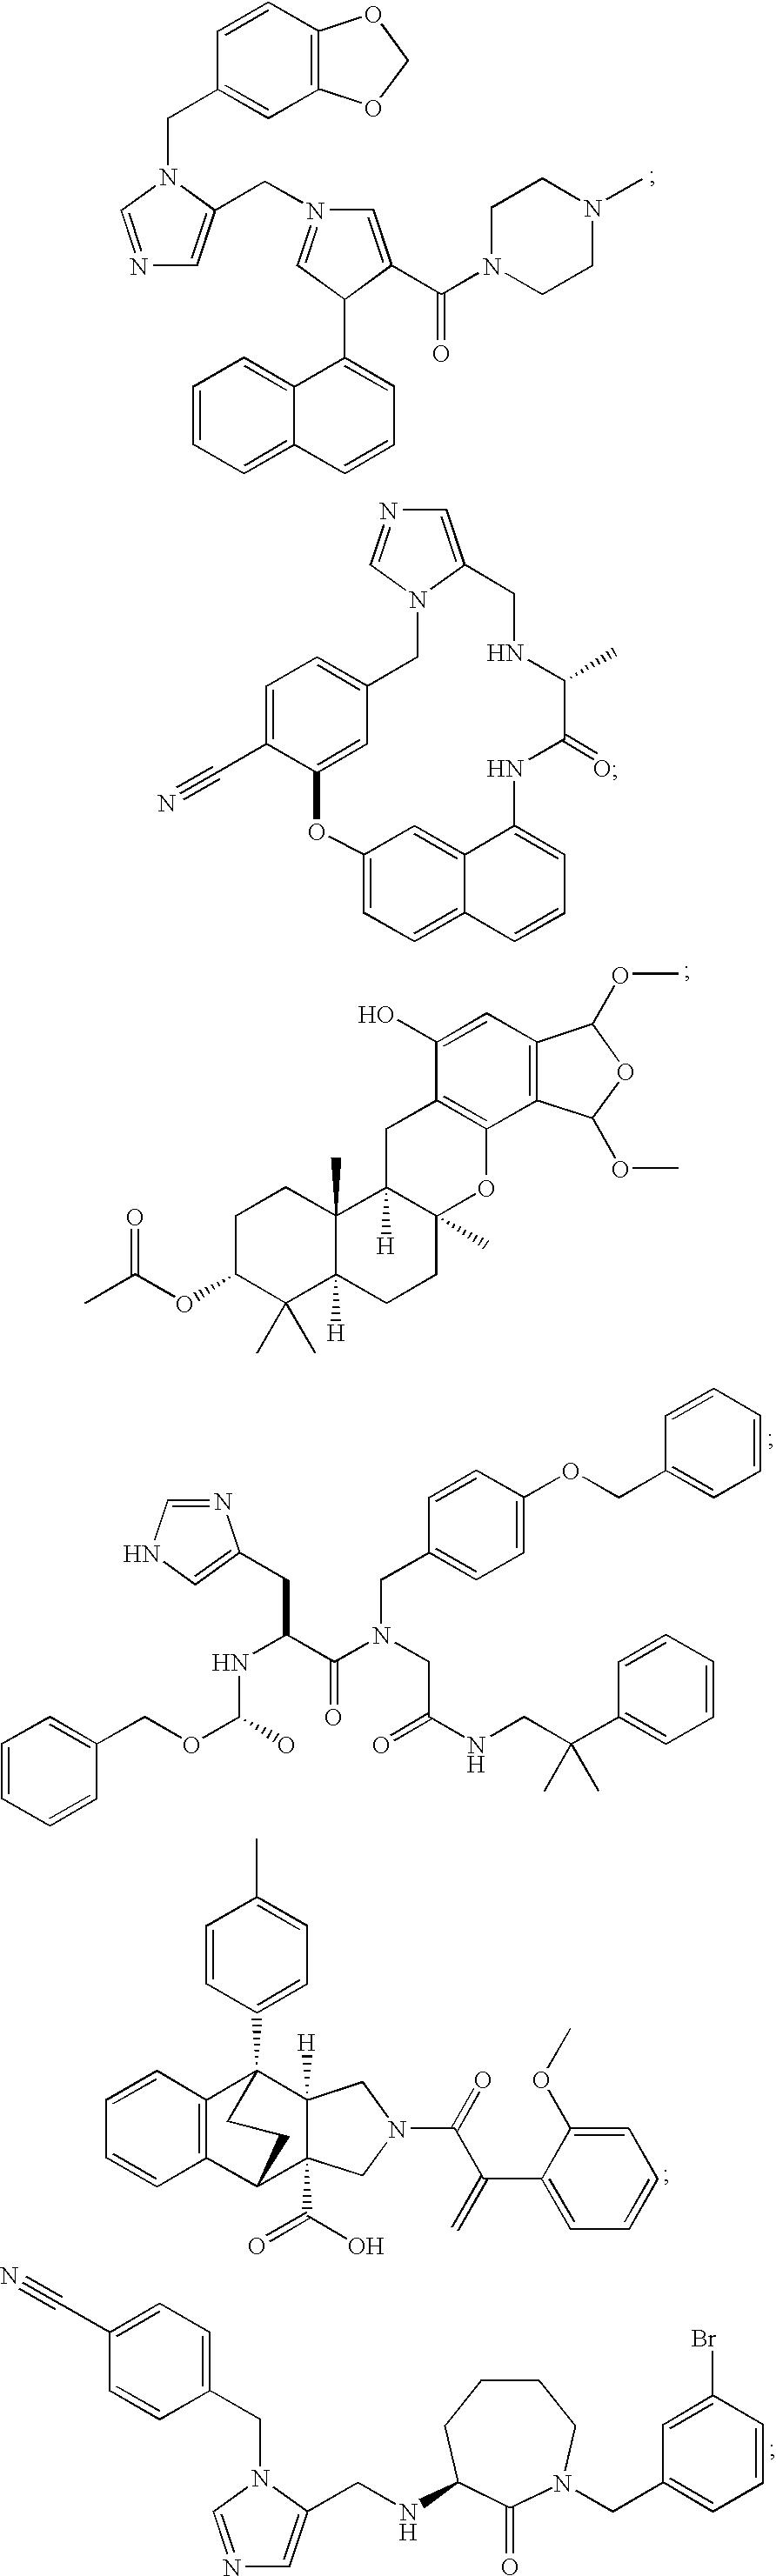 Figure US20080090242A1-20080417-C00007